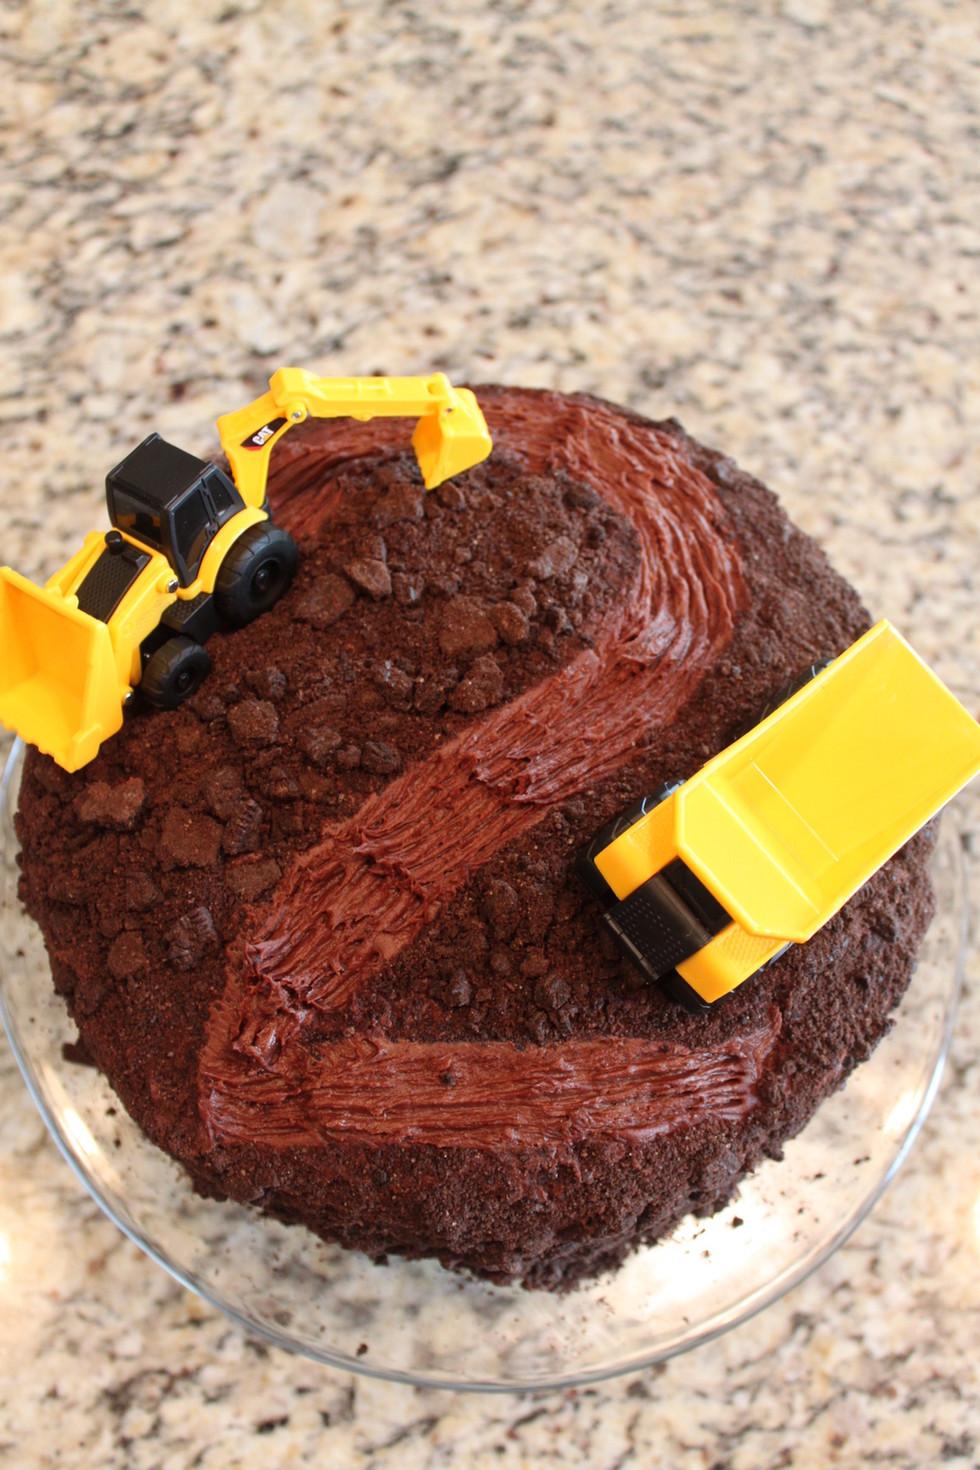 Chocolate Truck Cake